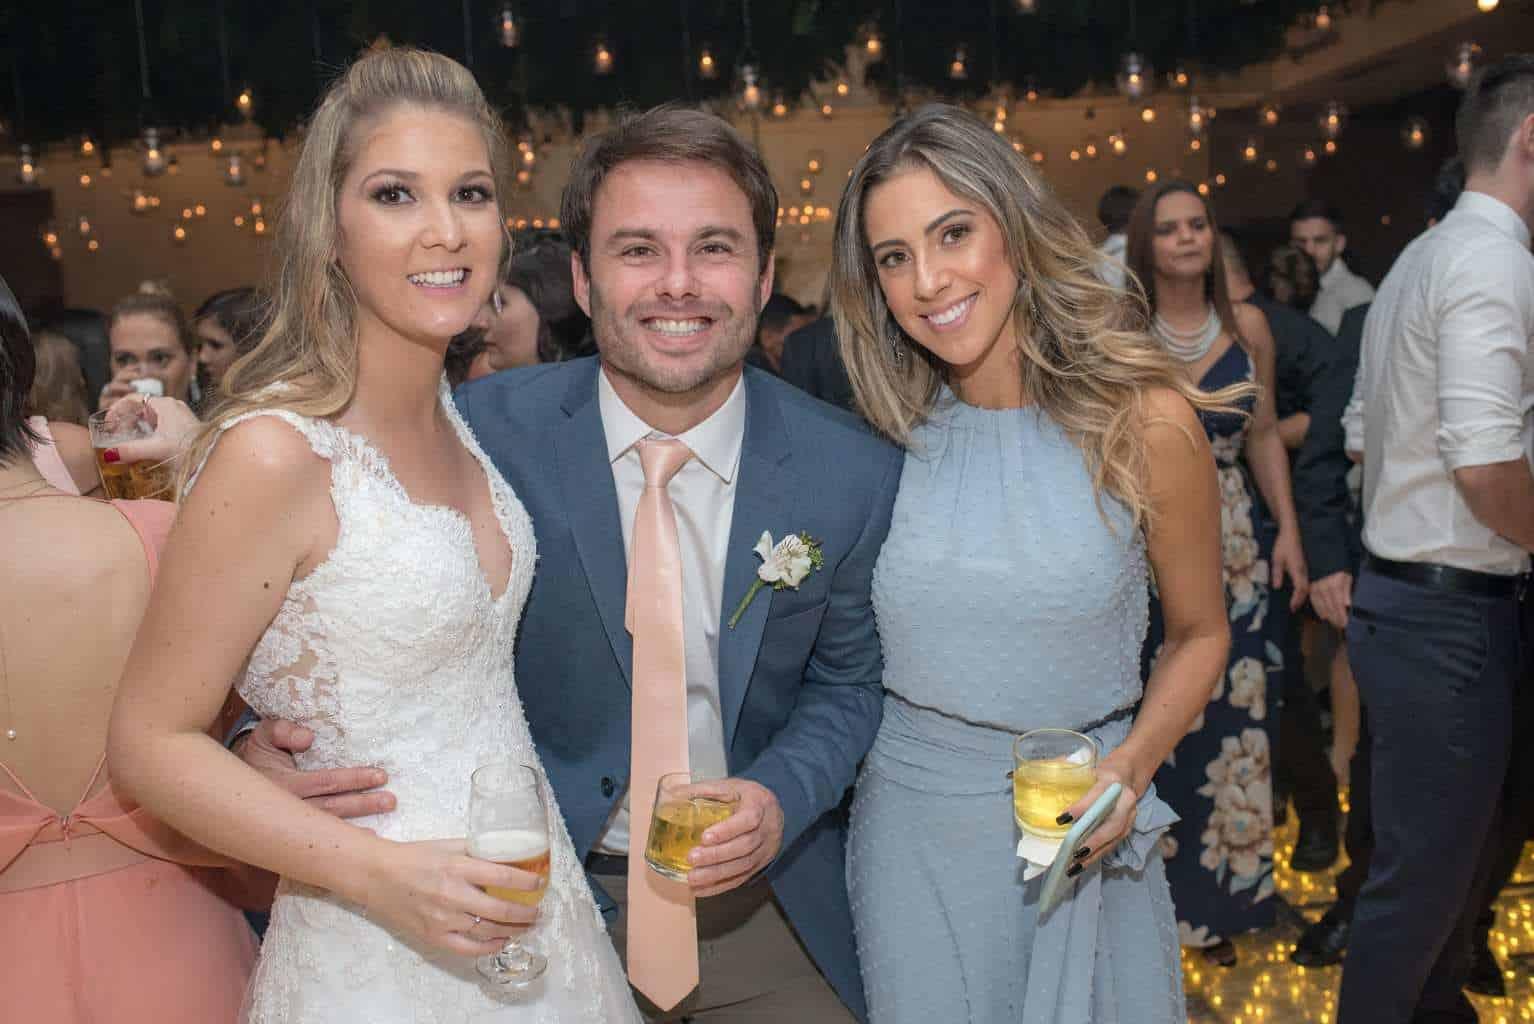 casamento-de-dia-casamento-Nicole-e-Thales-casamento-no-jardim-csasamento-ao-ar-livre-Fotografia-Marina-Fava-Galeria-Jardim-Rio-de-Janeiro-137